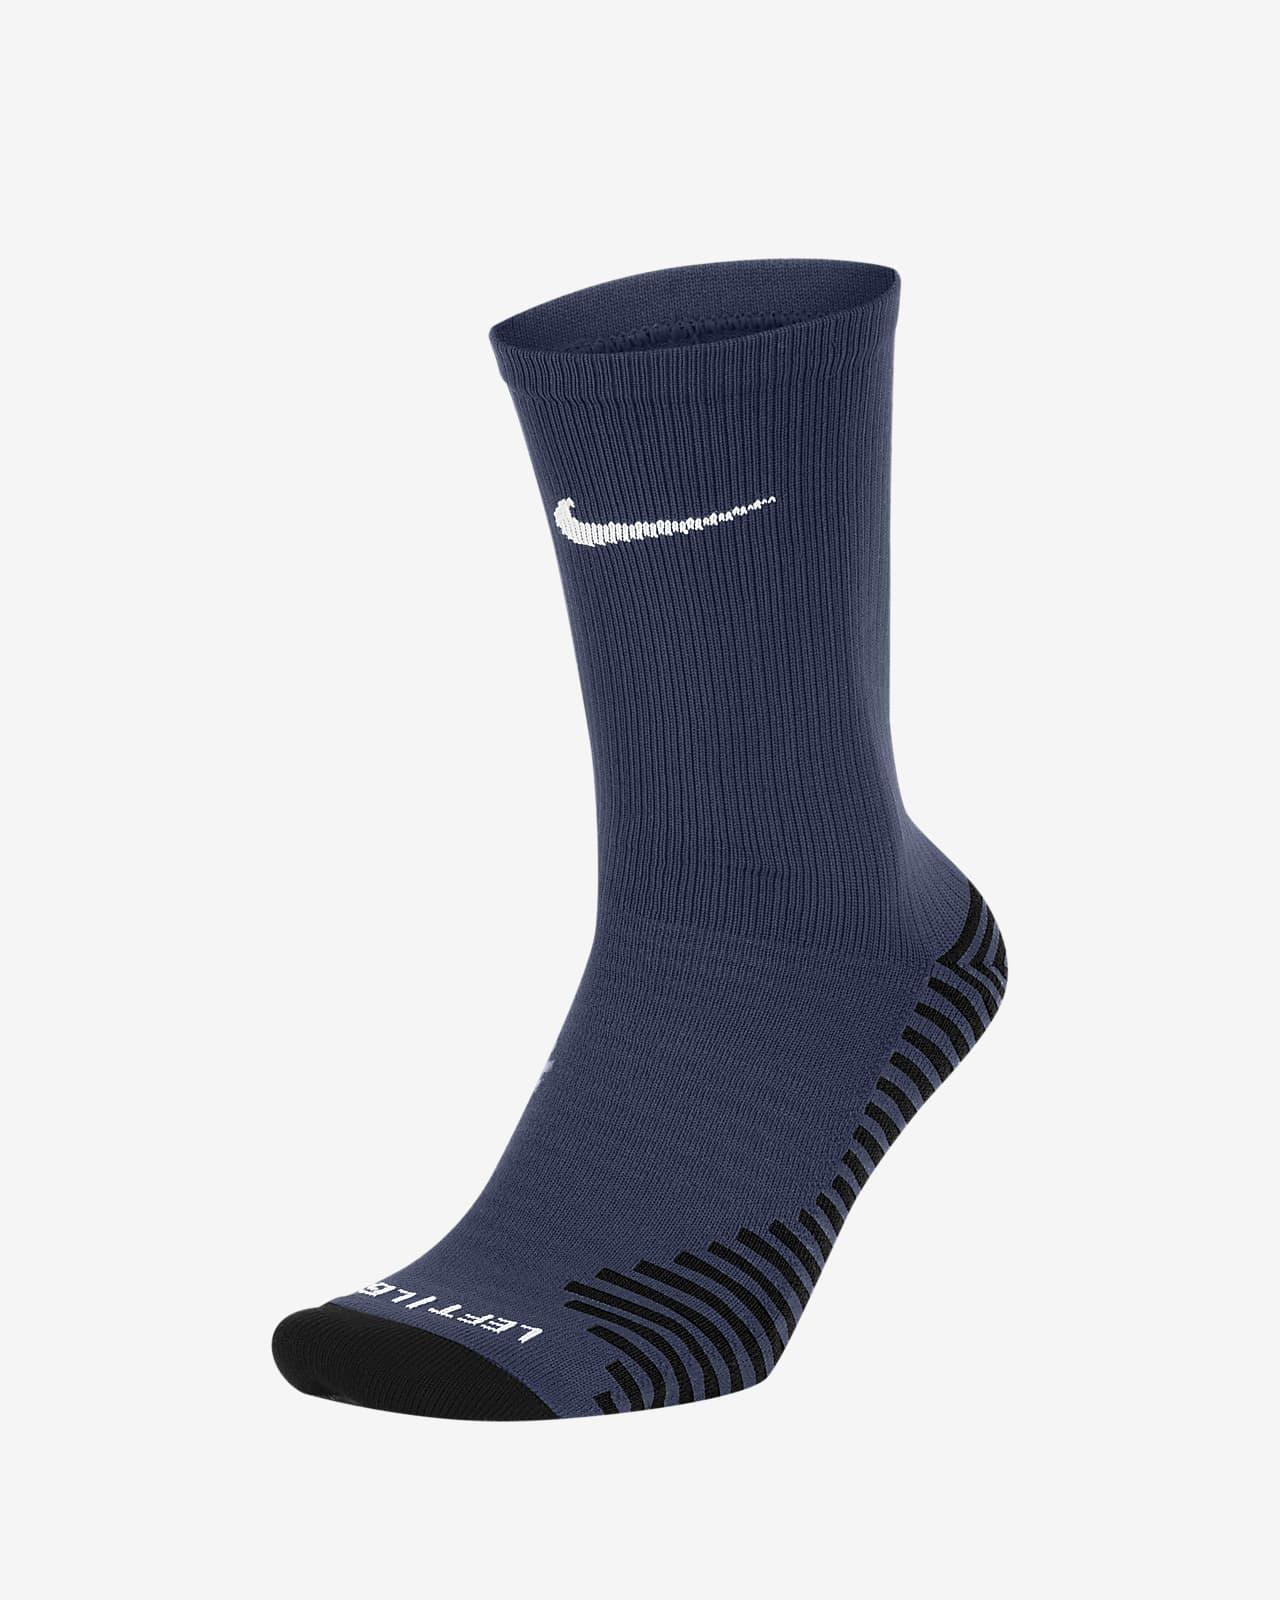 Κάλτσες μεσαίου ύψους Nike Squad